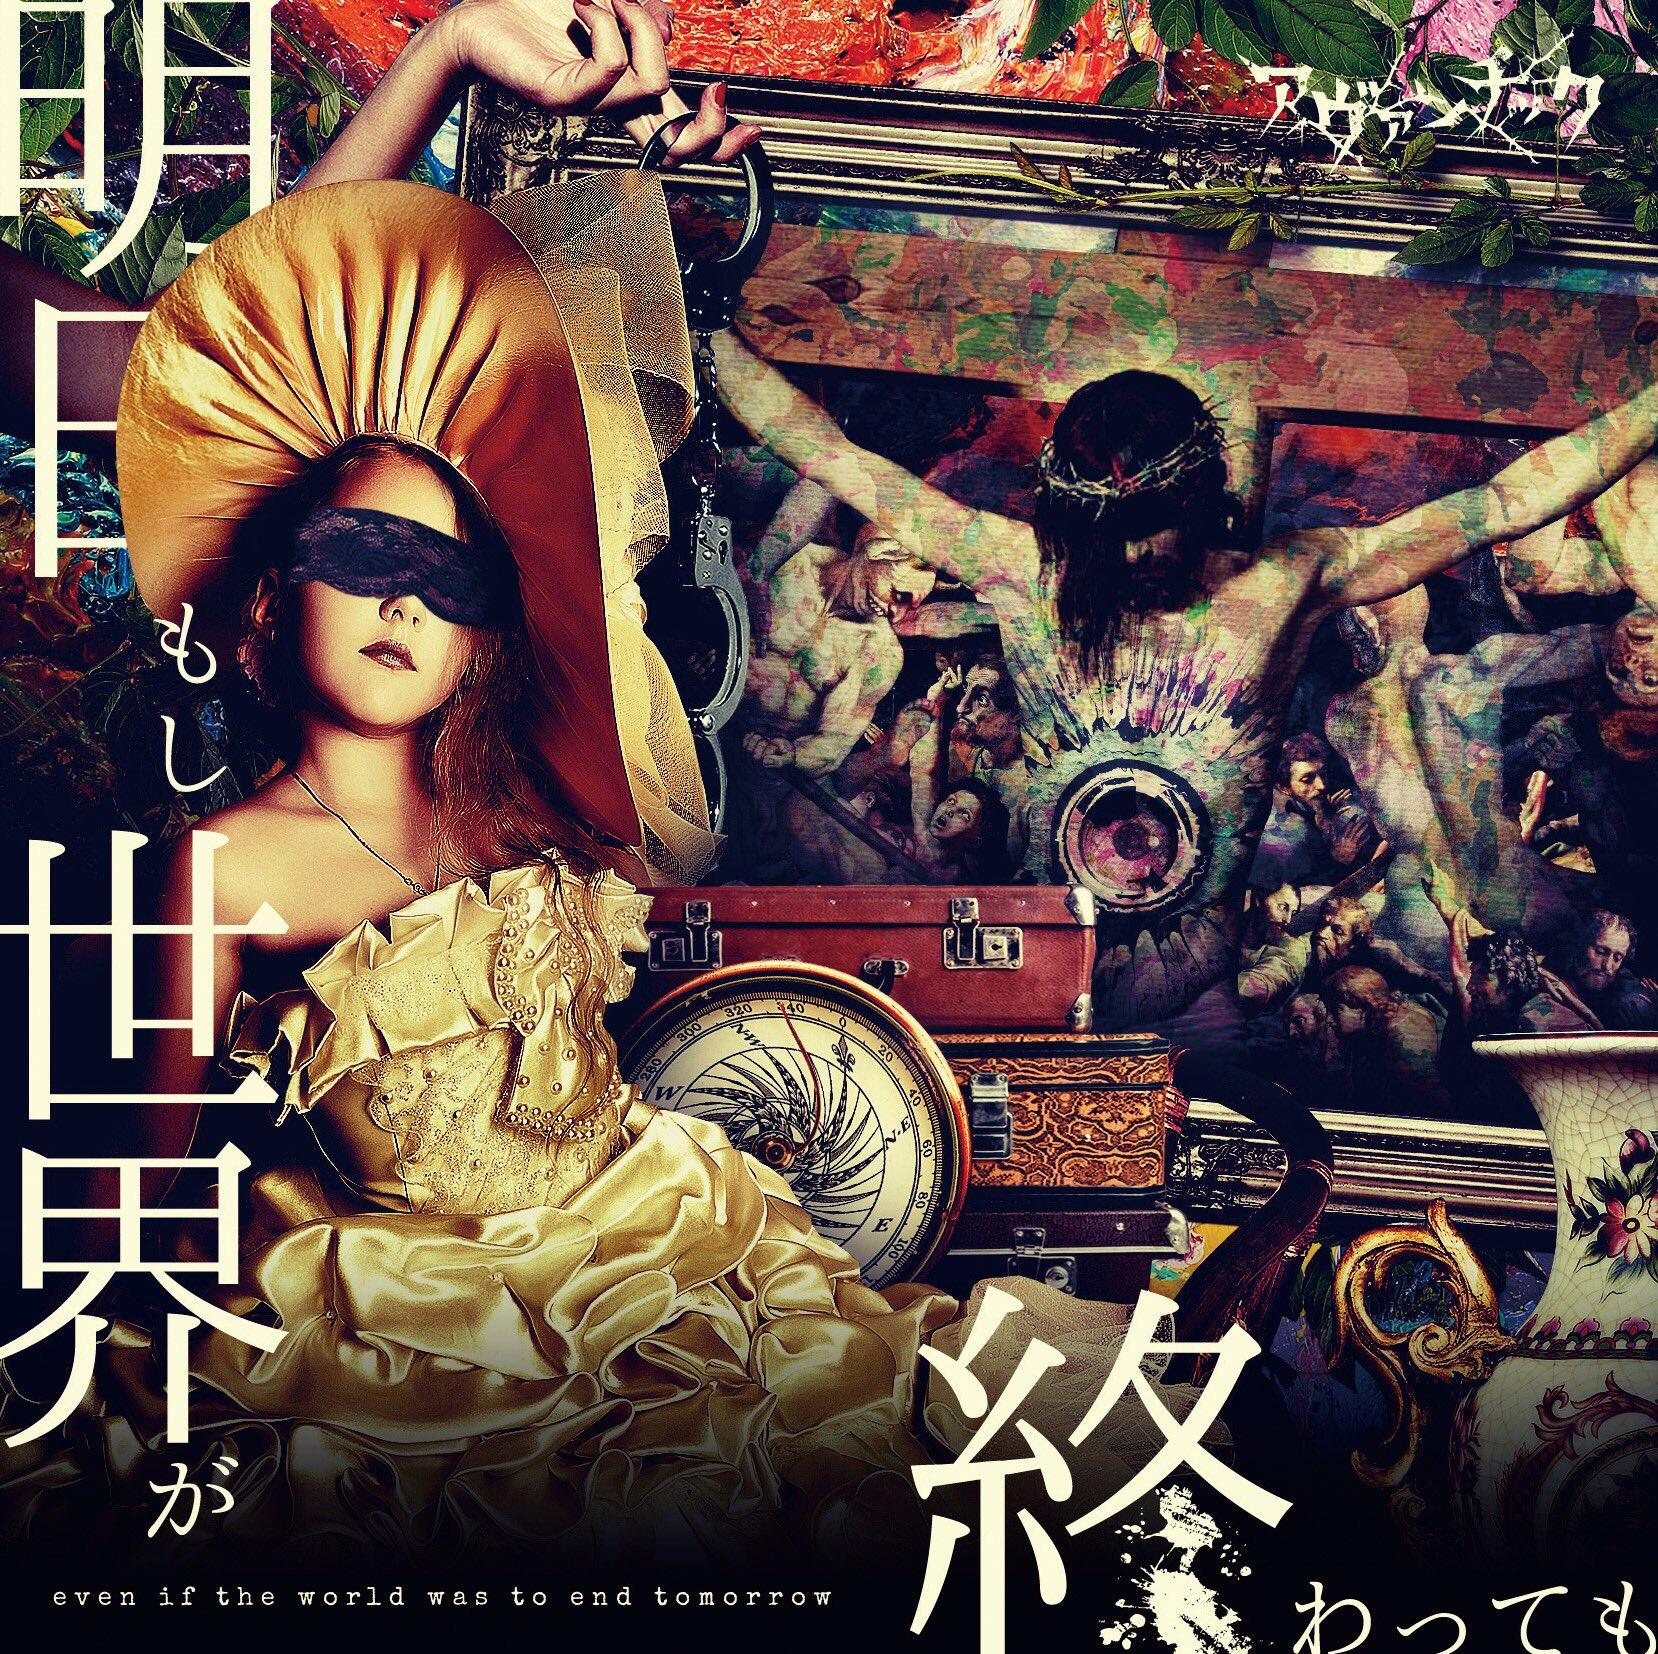 Лучшие альбомы 2016 года на азиатском рынке: часть II